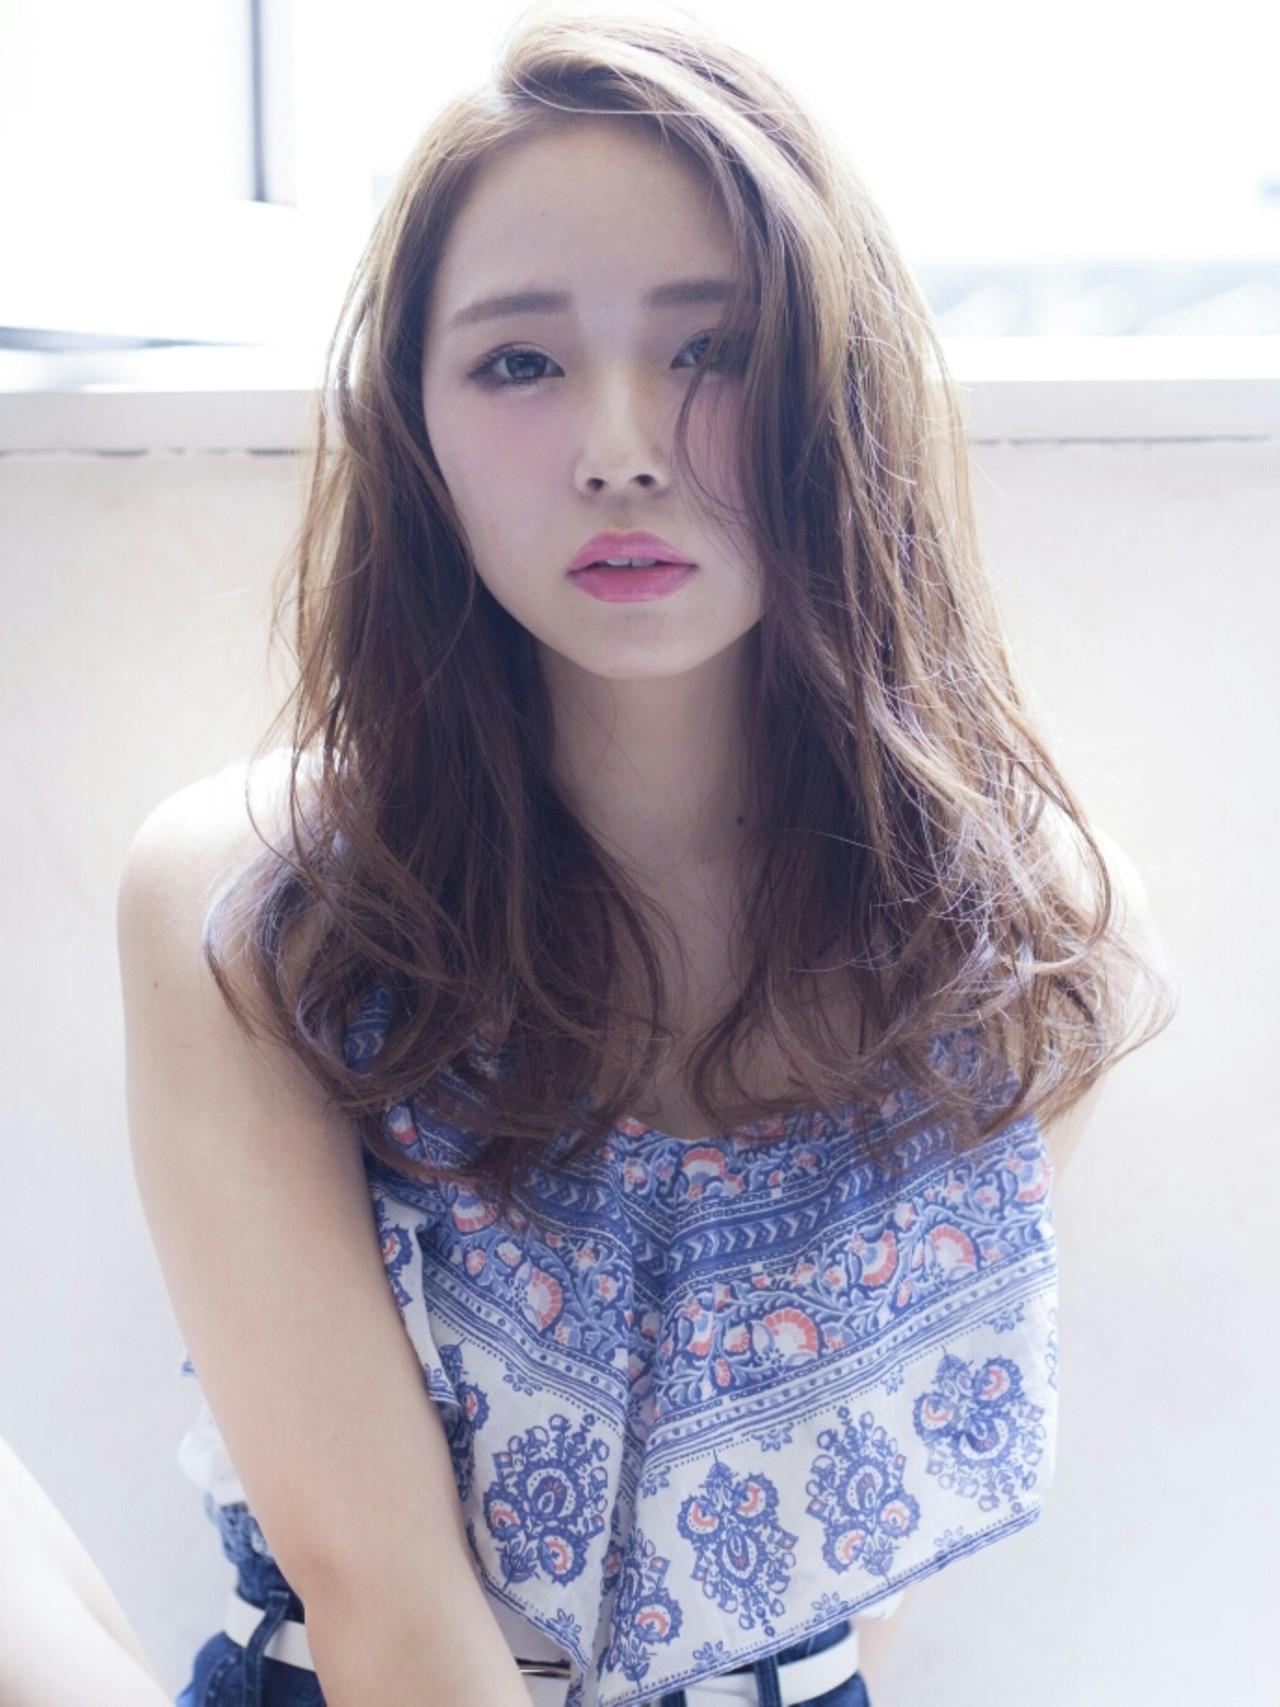 なんでこんなに人気なの?デジタル―パーマの魅力を徹底調査! Yuya Yoshida / Menon